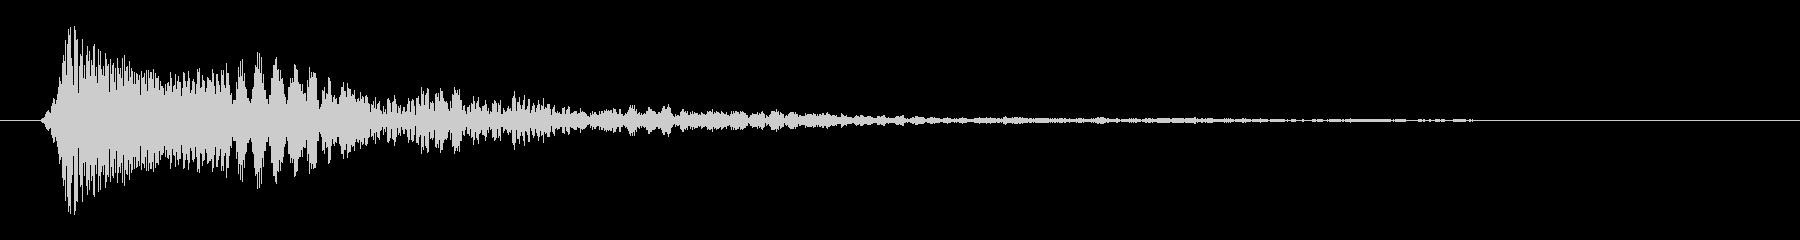 ピン(クリックしたとき)の未再生の波形